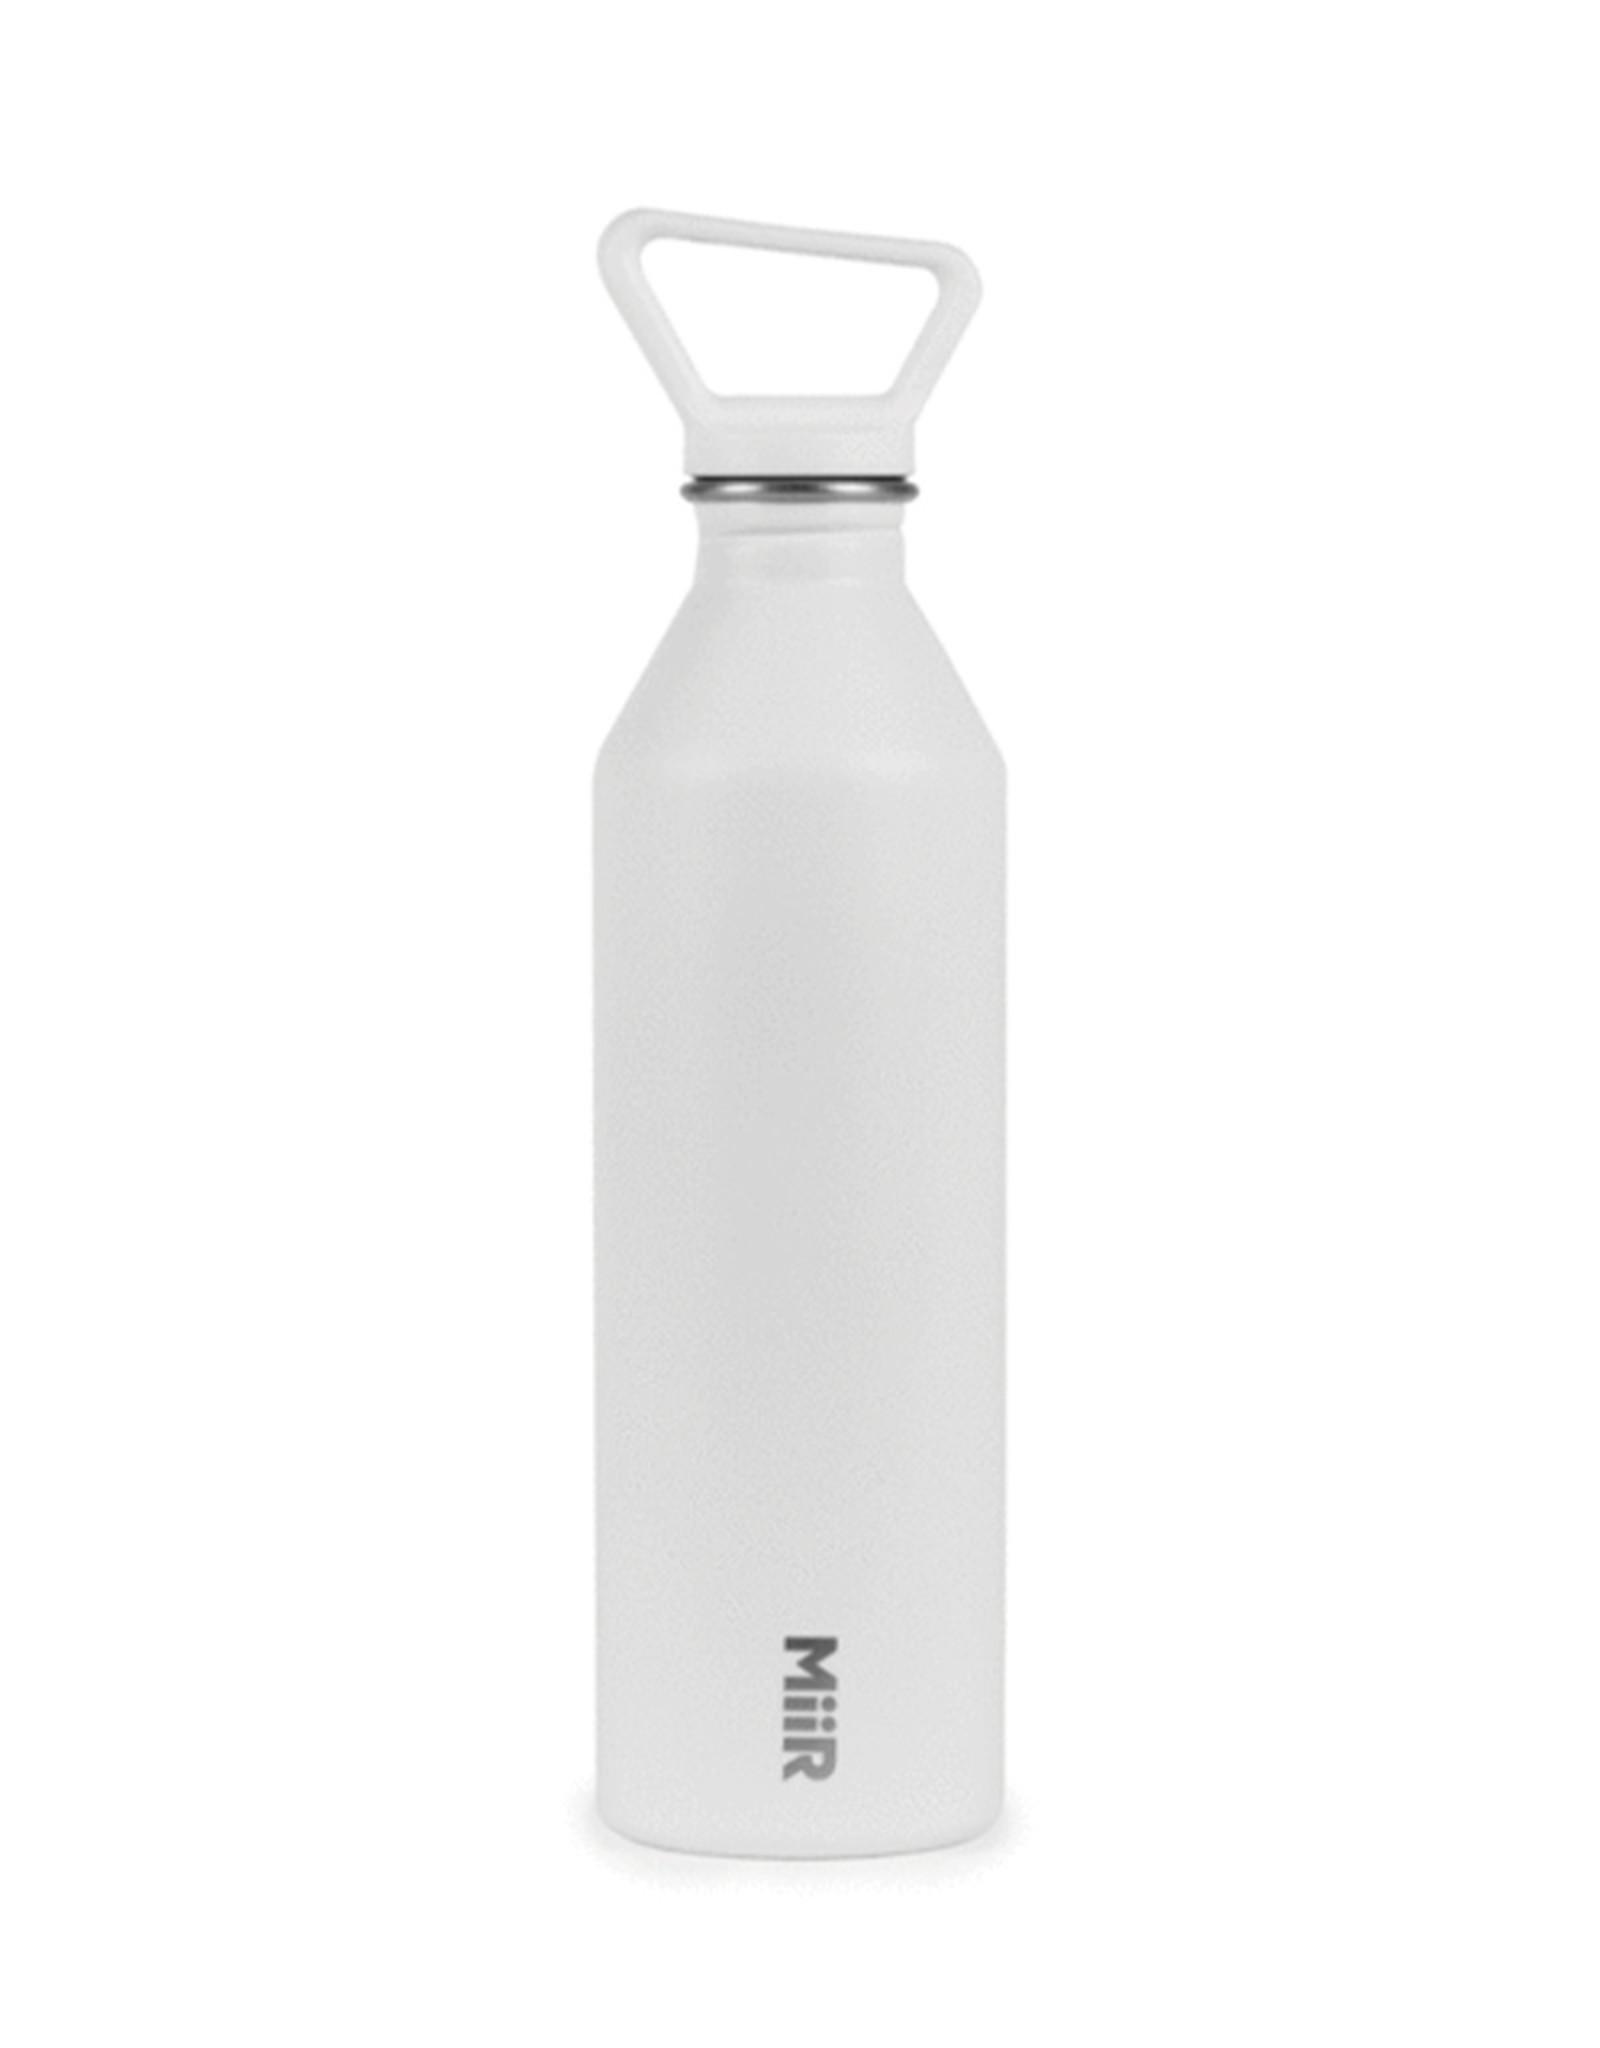 MiiR 800ml Bottle